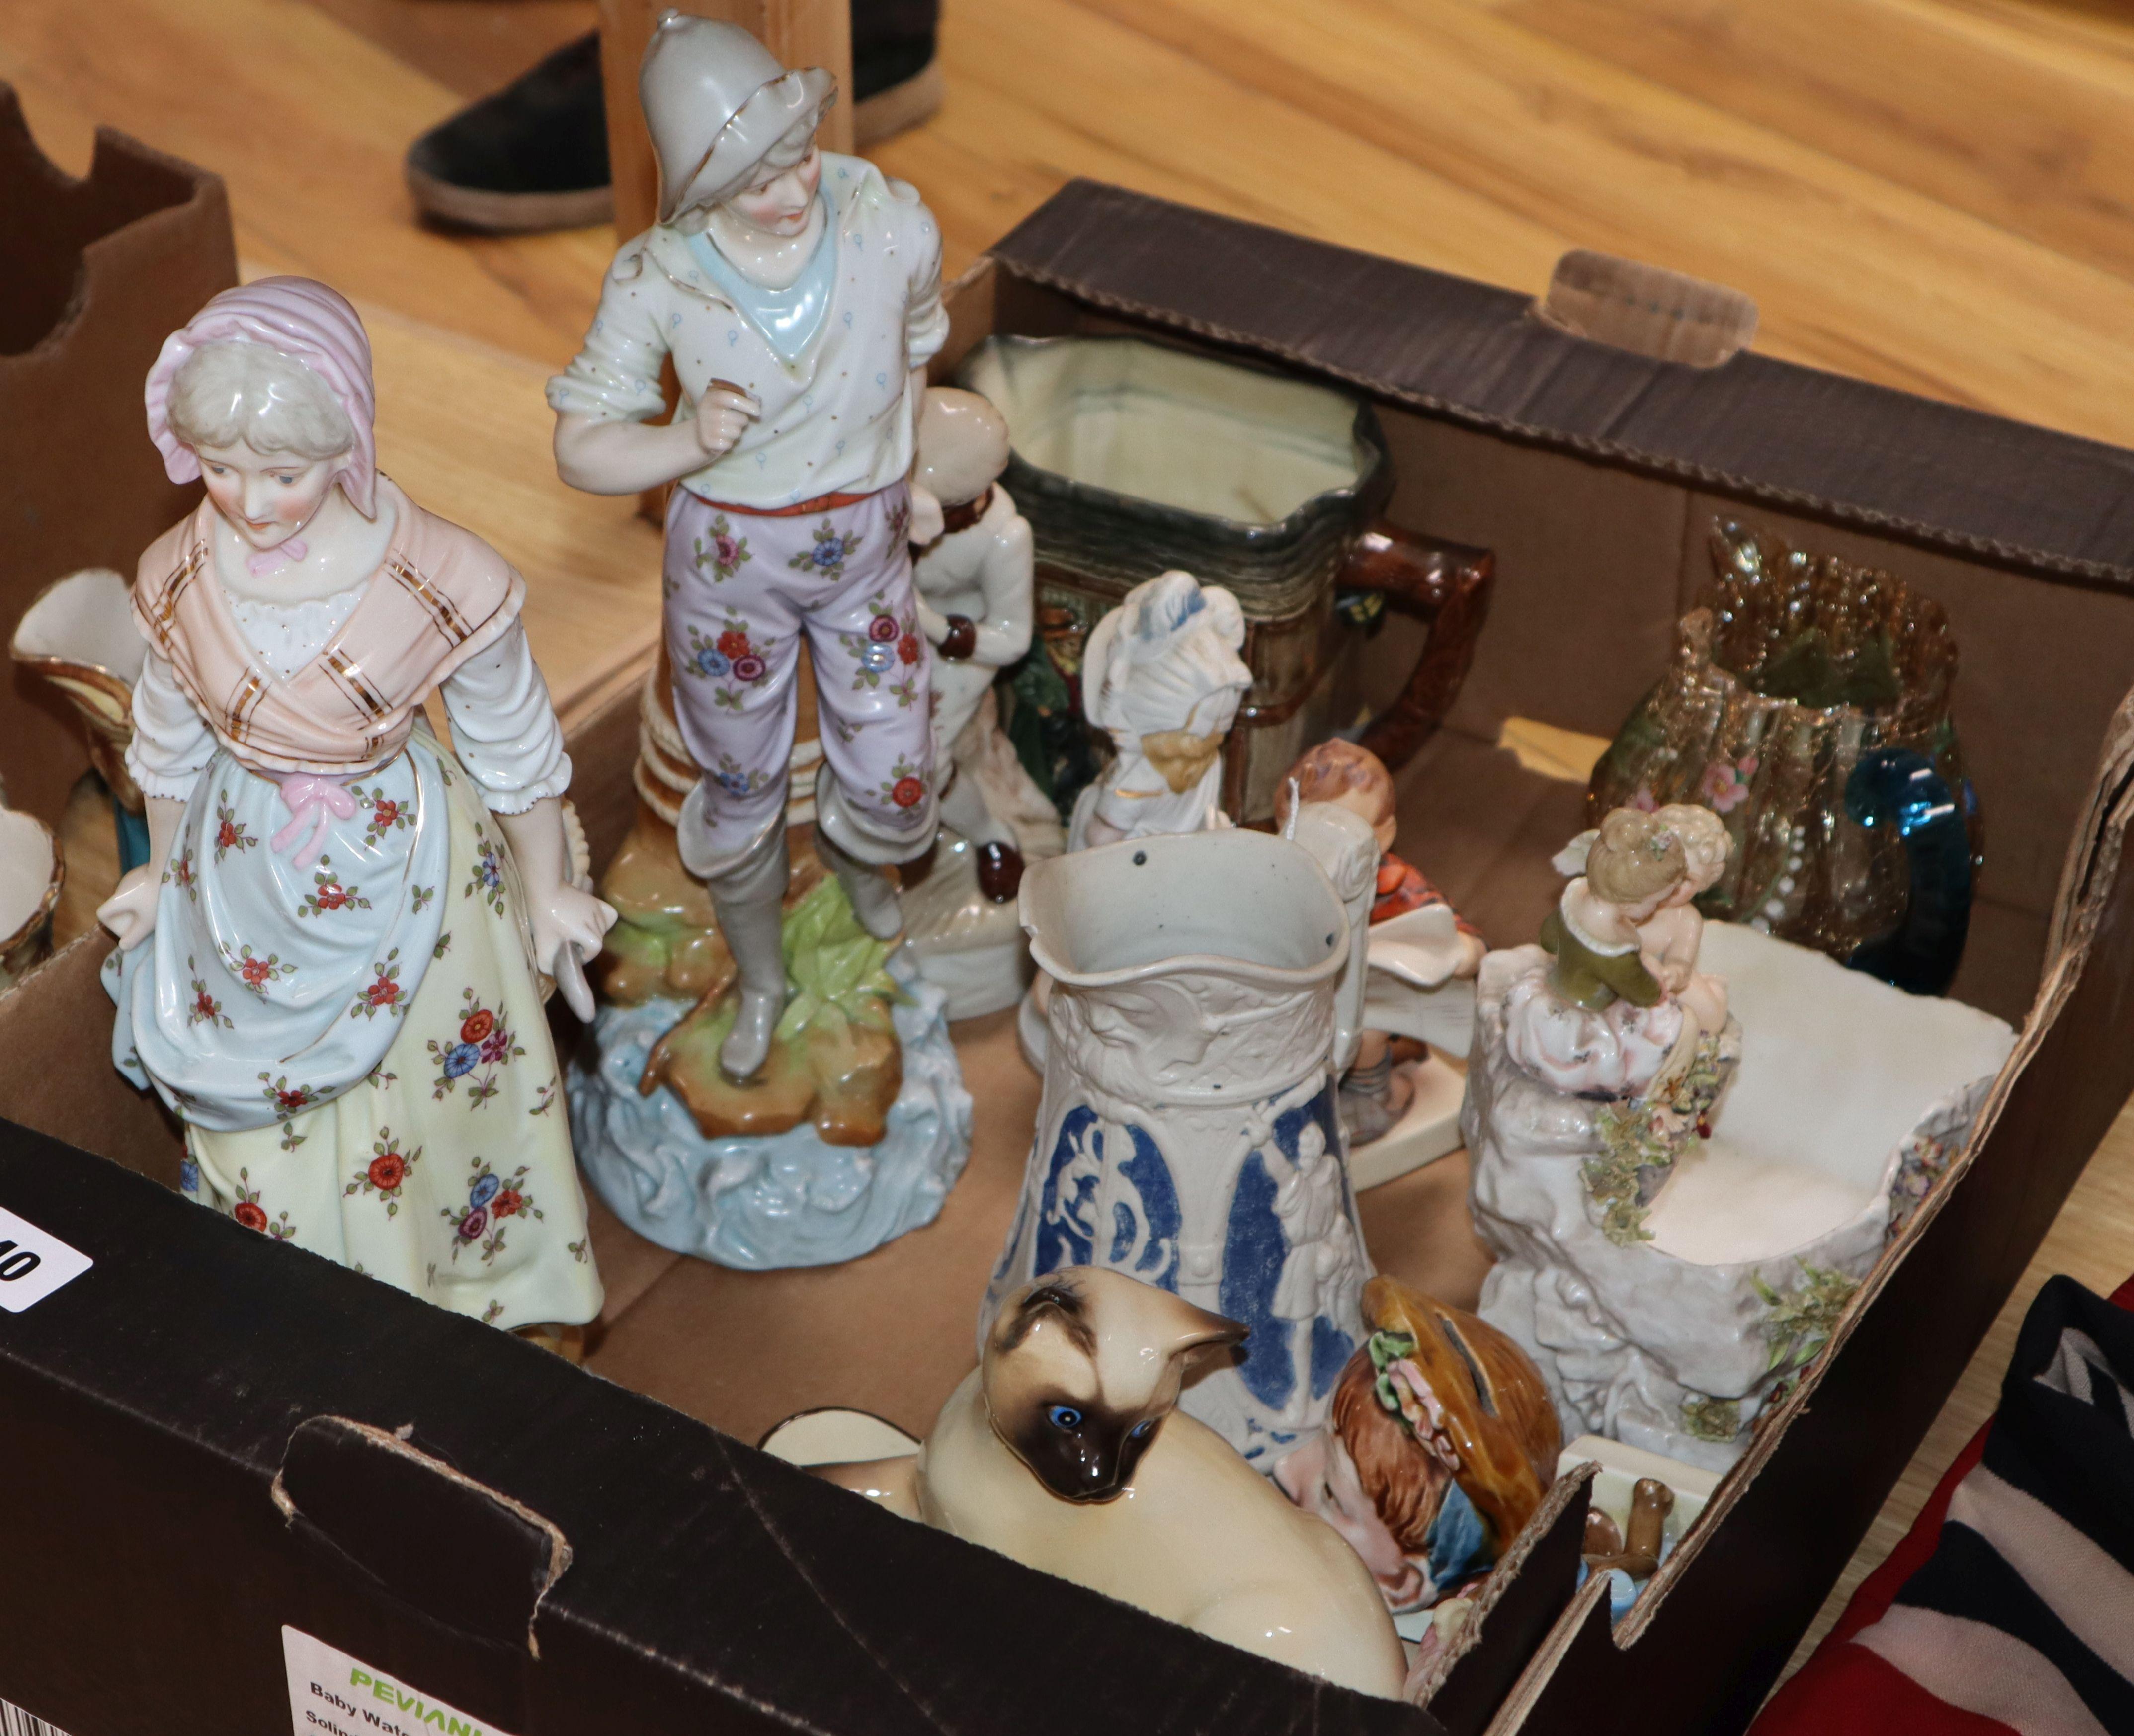 Lot 40 - A quantity of mixed decorative ceramics and glassware